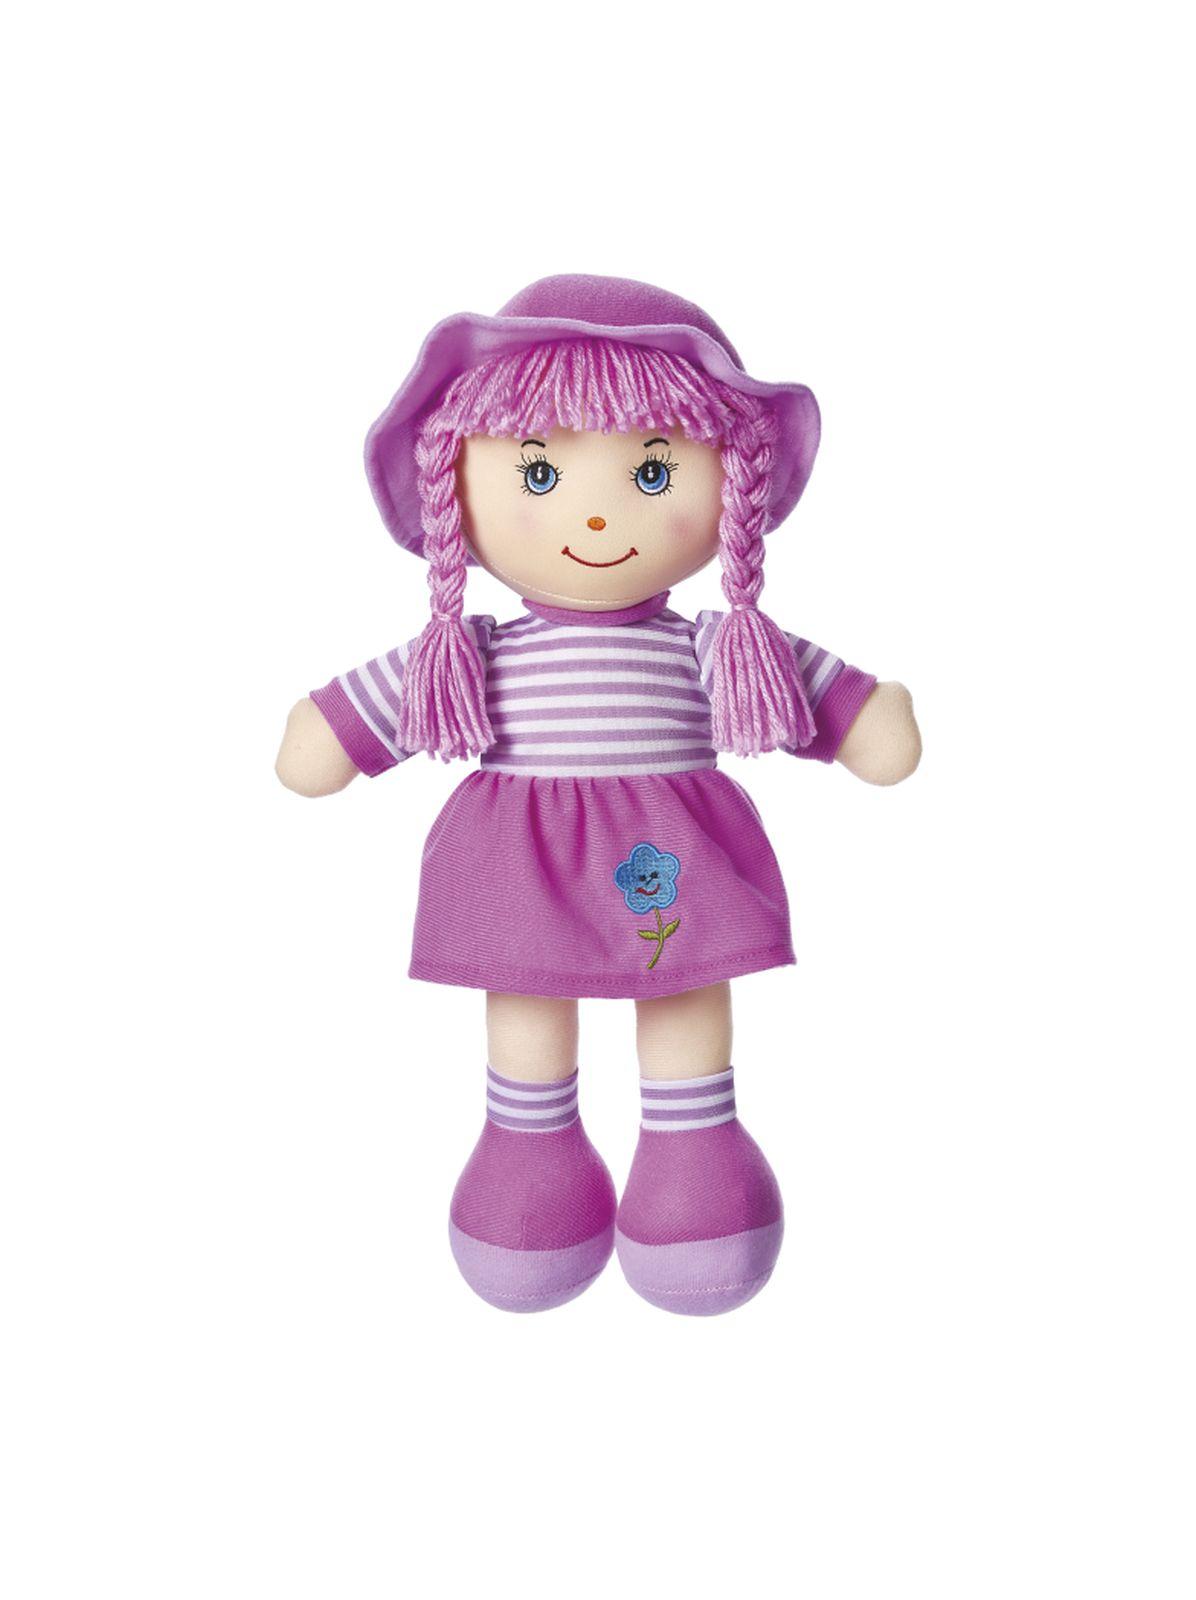 Bambole di stoffa 40 cm - LOVE BEBÈ